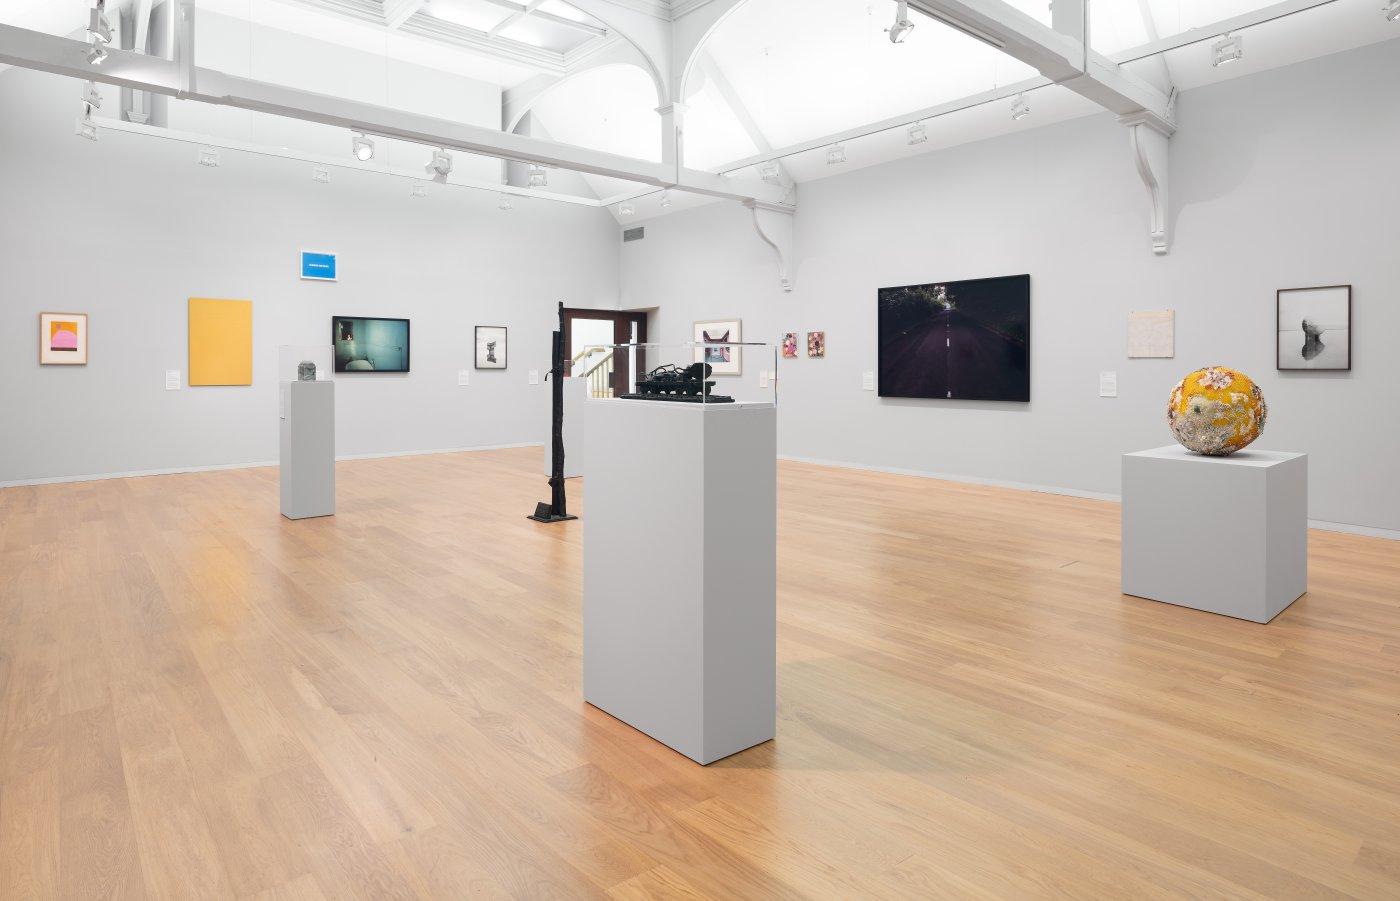 Whitechapel Gallery Gary Hume Hiscox 5